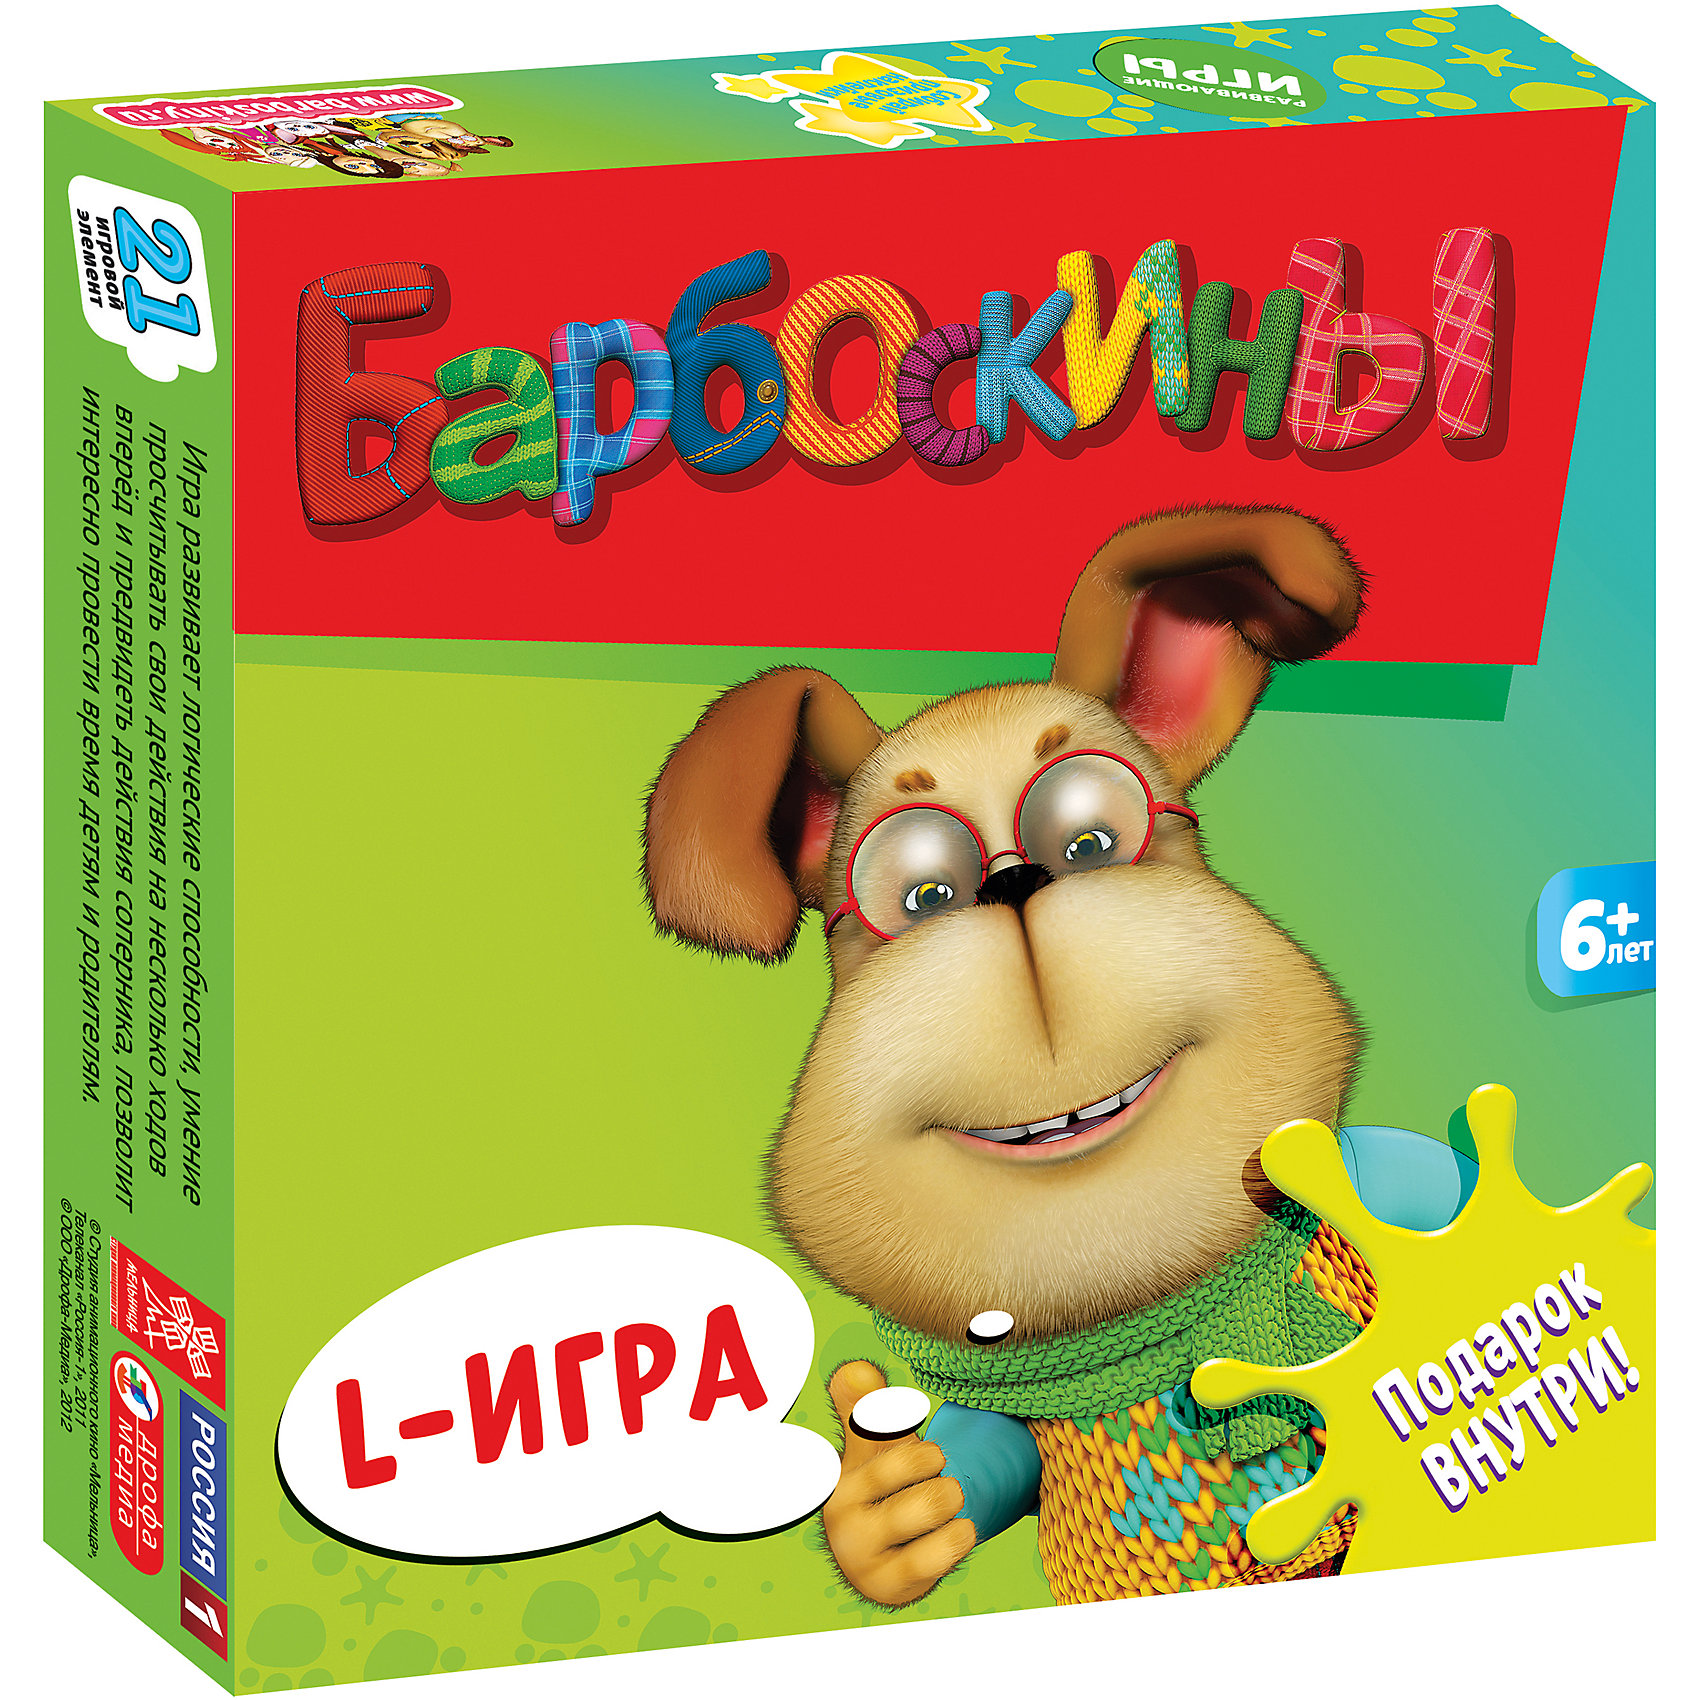 Игра L-игра, БарбоскиныИгры для развлечений<br>Игра L-игра, Барбоскины - веселая увлекательная игра с любимыми героями, в которую можно играть всей семьей. Барбоскины - это большое семейство собак из популярного мультсериала Барбоскины, где у каждого персонажа свой характер и особенности. В наборе 21 игровой элемент в виде карточек разной формы с красочными картинками. Игра развивает логические способности, умение просчитывать свои действия на несколько ходов вперёд и предвидеть действия соперника. В комплект также входит подарок - набор наклеек с главными героями мультфильма. <br><br>Дополнительная информация:<br><br>- Серия: Барбоскины. Мини-игры.<br>- В комплекте: 21 элемент, набор наклеек с главными героями мультфильма.<br>- Материал: бумага, картон.<br>- Размер упаковки: 19 x 20 x 3,2 см.<br>- Вес: 0,166 кг.<br><br> Игру L-игра, Барбоскины, можно купить в нашем интернет-магазине.<br><br>Ширина мм: 200<br>Глубина мм: 32<br>Высота мм: 190<br>Вес г: 200<br>Возраст от месяцев: 72<br>Возраст до месяцев: 132<br>Пол: Унисекс<br>Возраст: Детский<br>SKU: 3998673